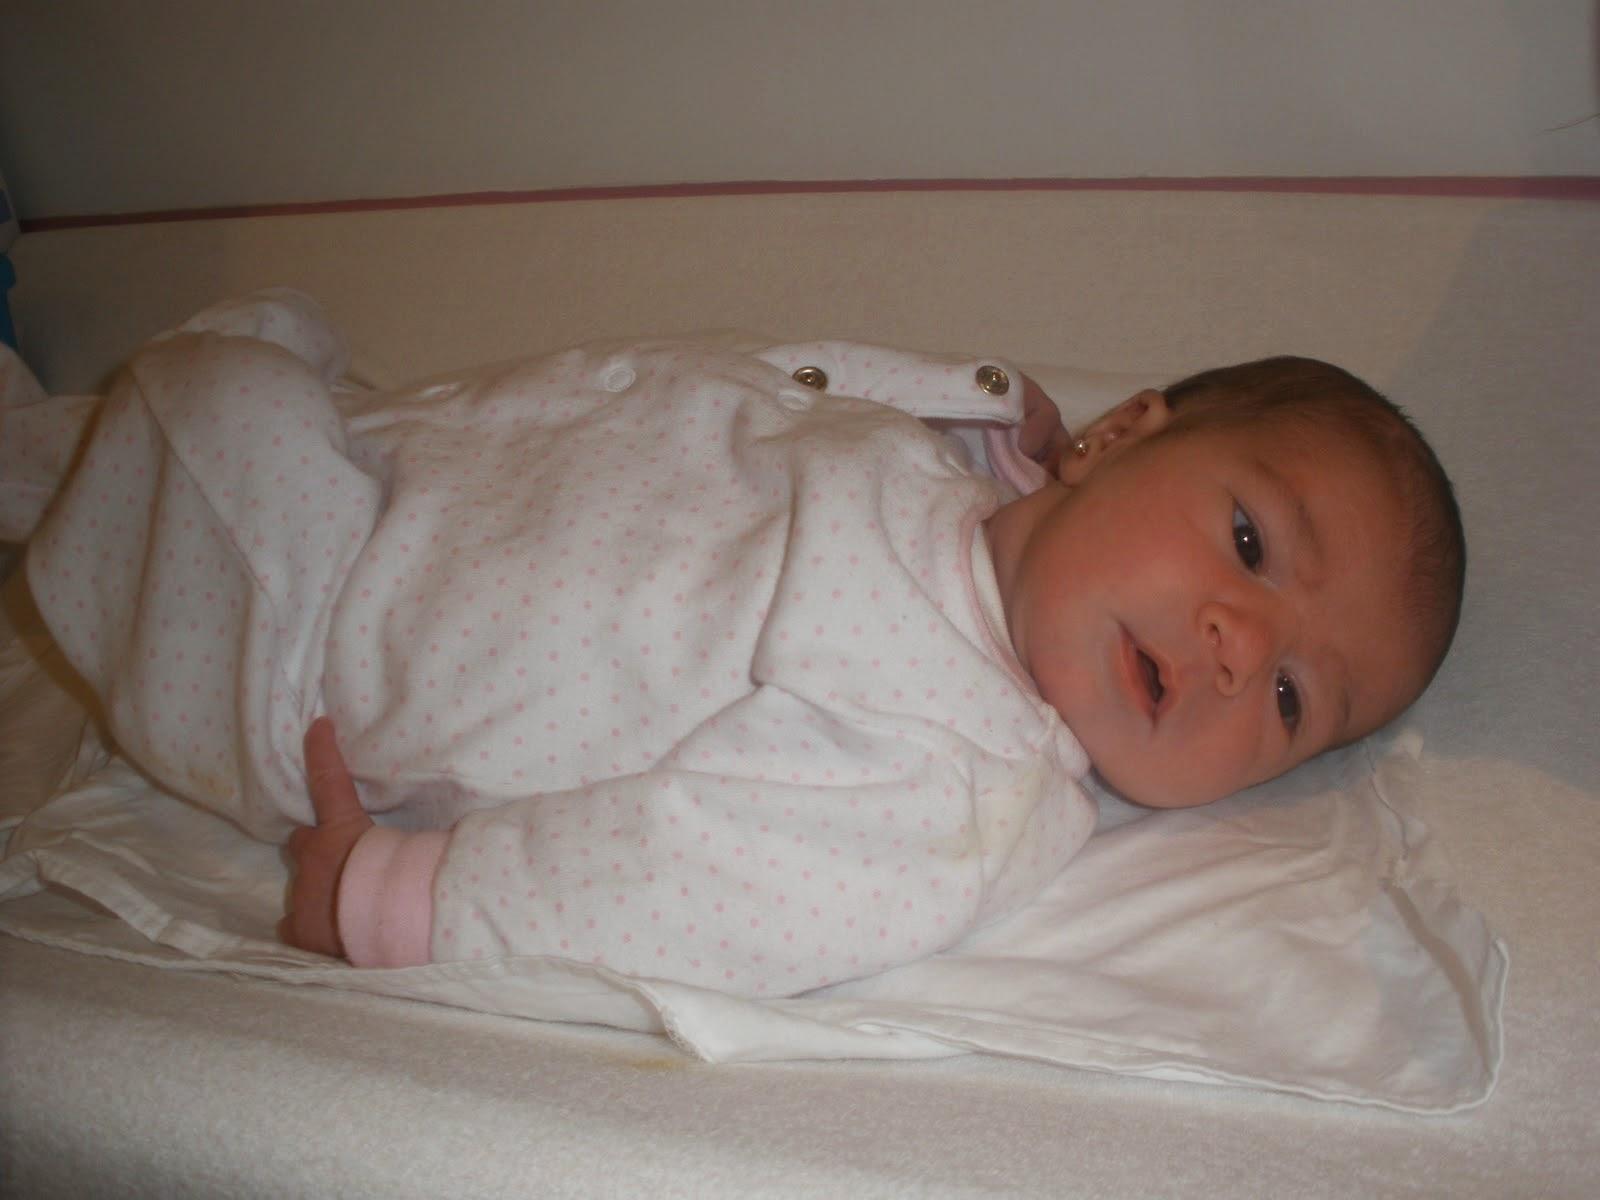 Consejos, Porque Llora un Bebe